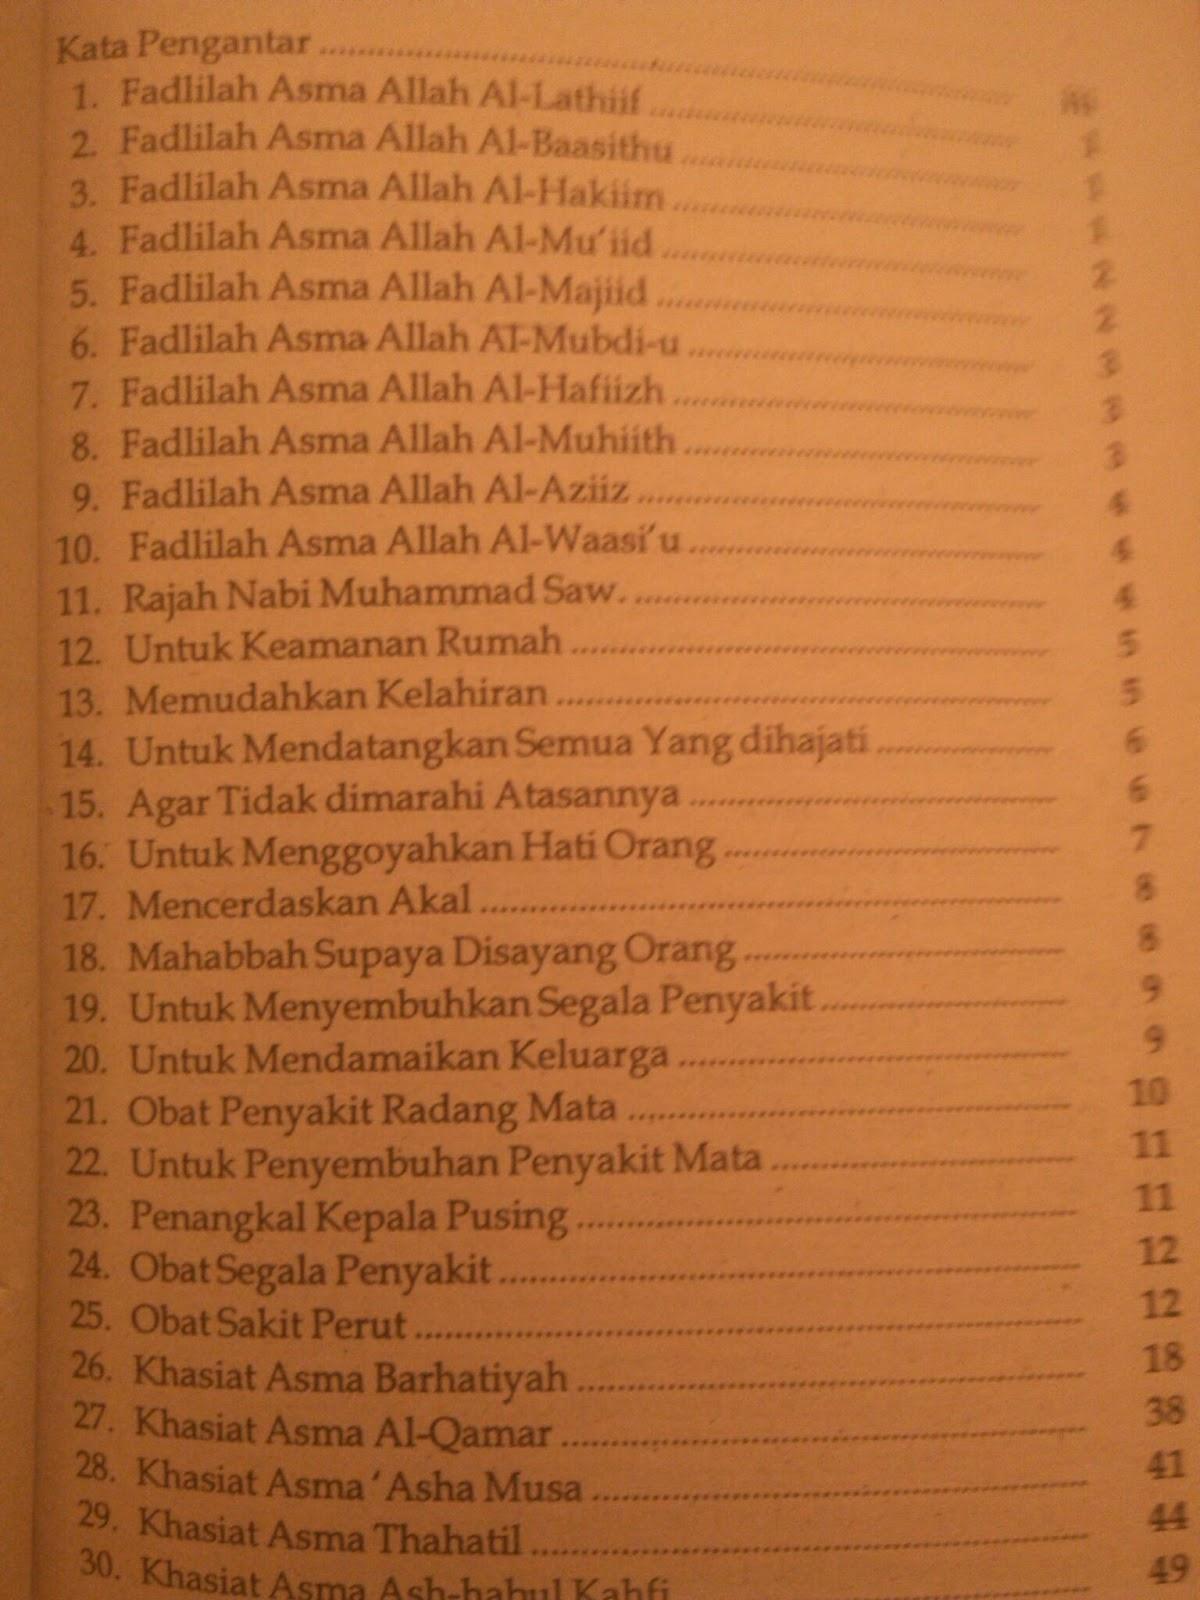 terjemahan kitab syamsul maarif al kubro